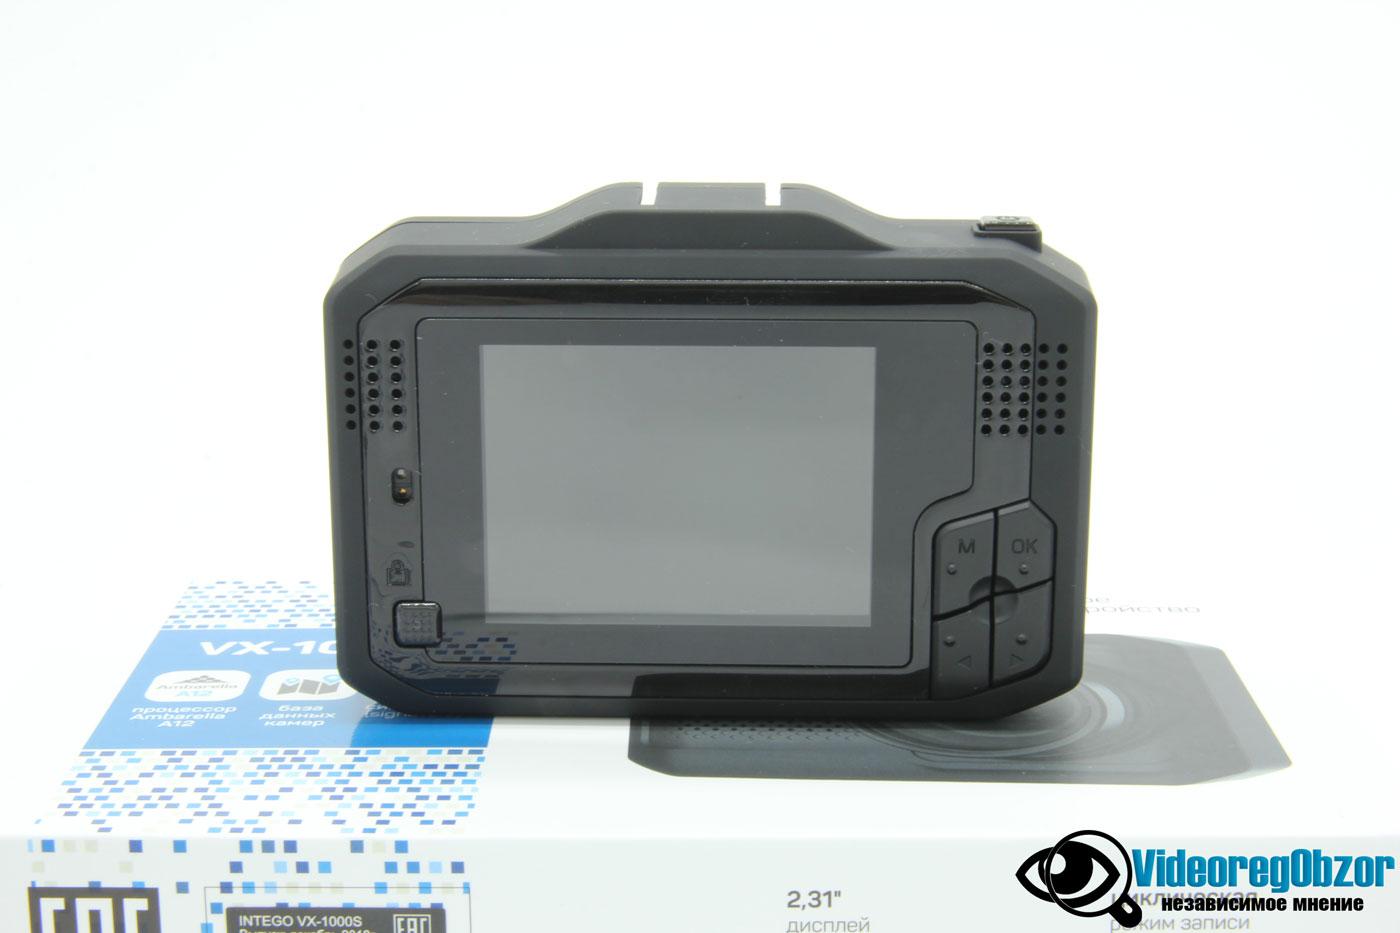 INTEGO VX 1000S 11